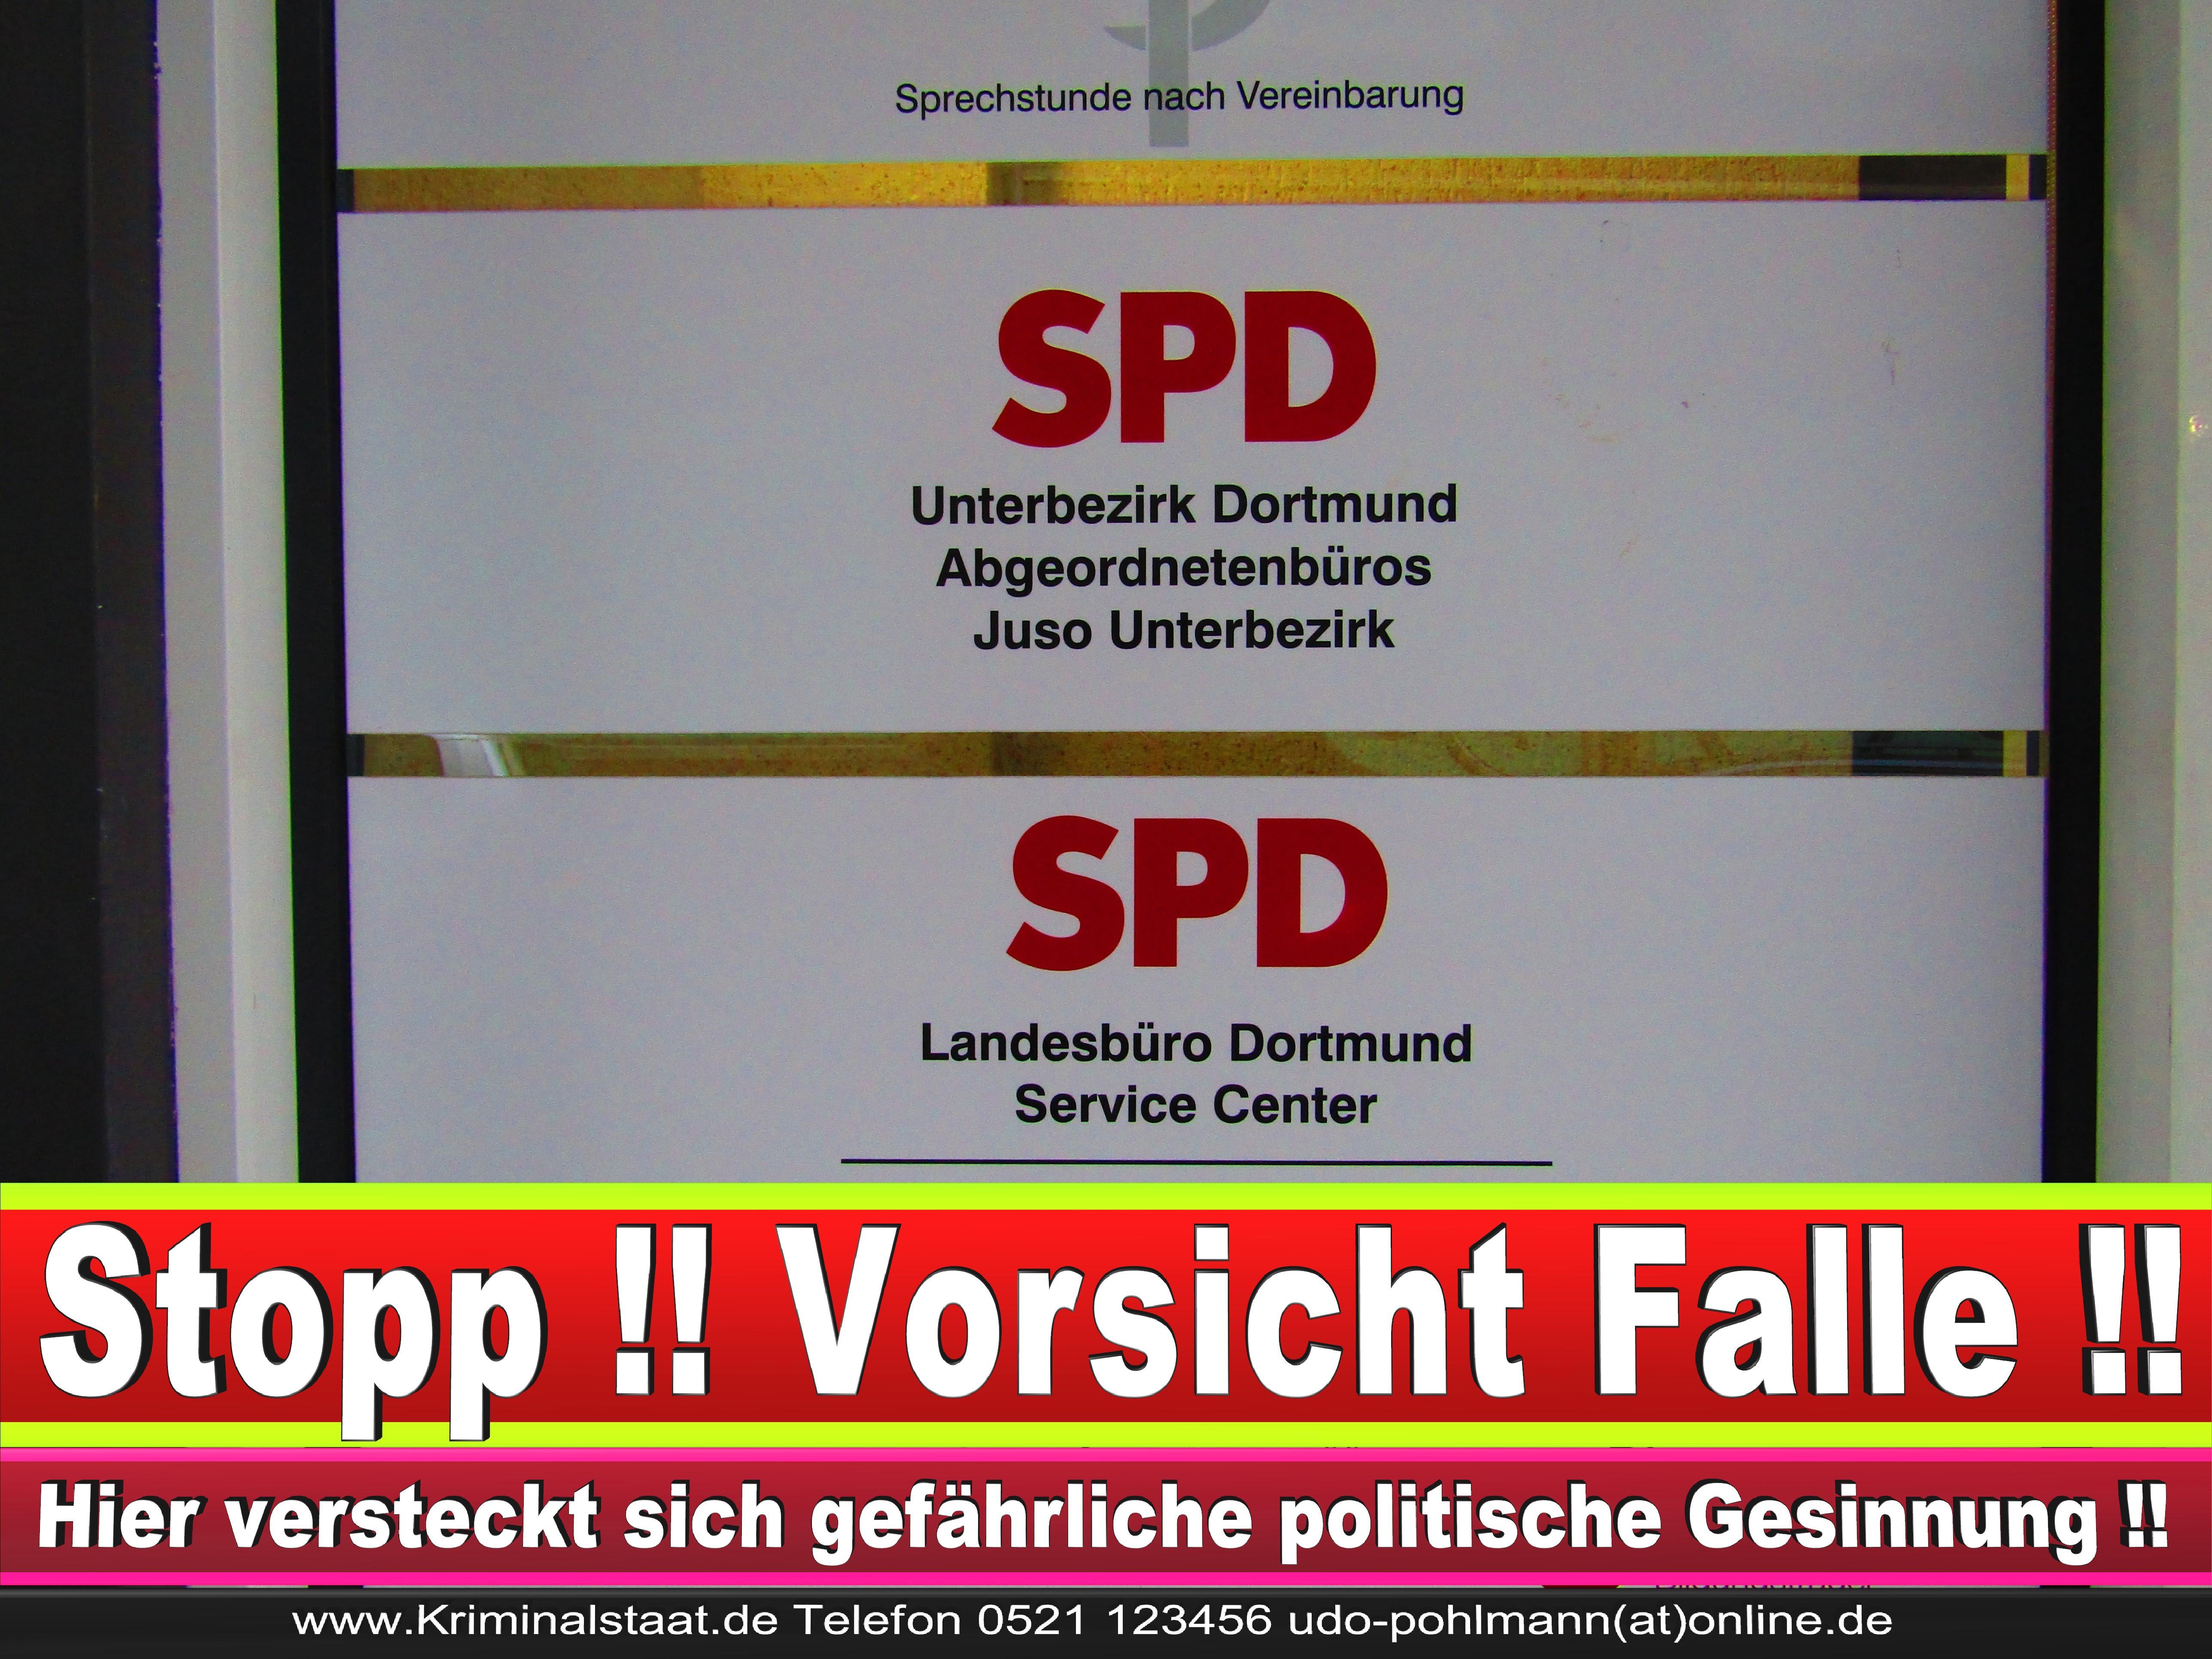 SPD DORTMUND UNTERBEZIRK BüRGERBüRO SPD ORTSVERBAND RAT STADT RATSMITGLIEDER SPD FRAKTION SPD NRW ADRESSE (7) 1